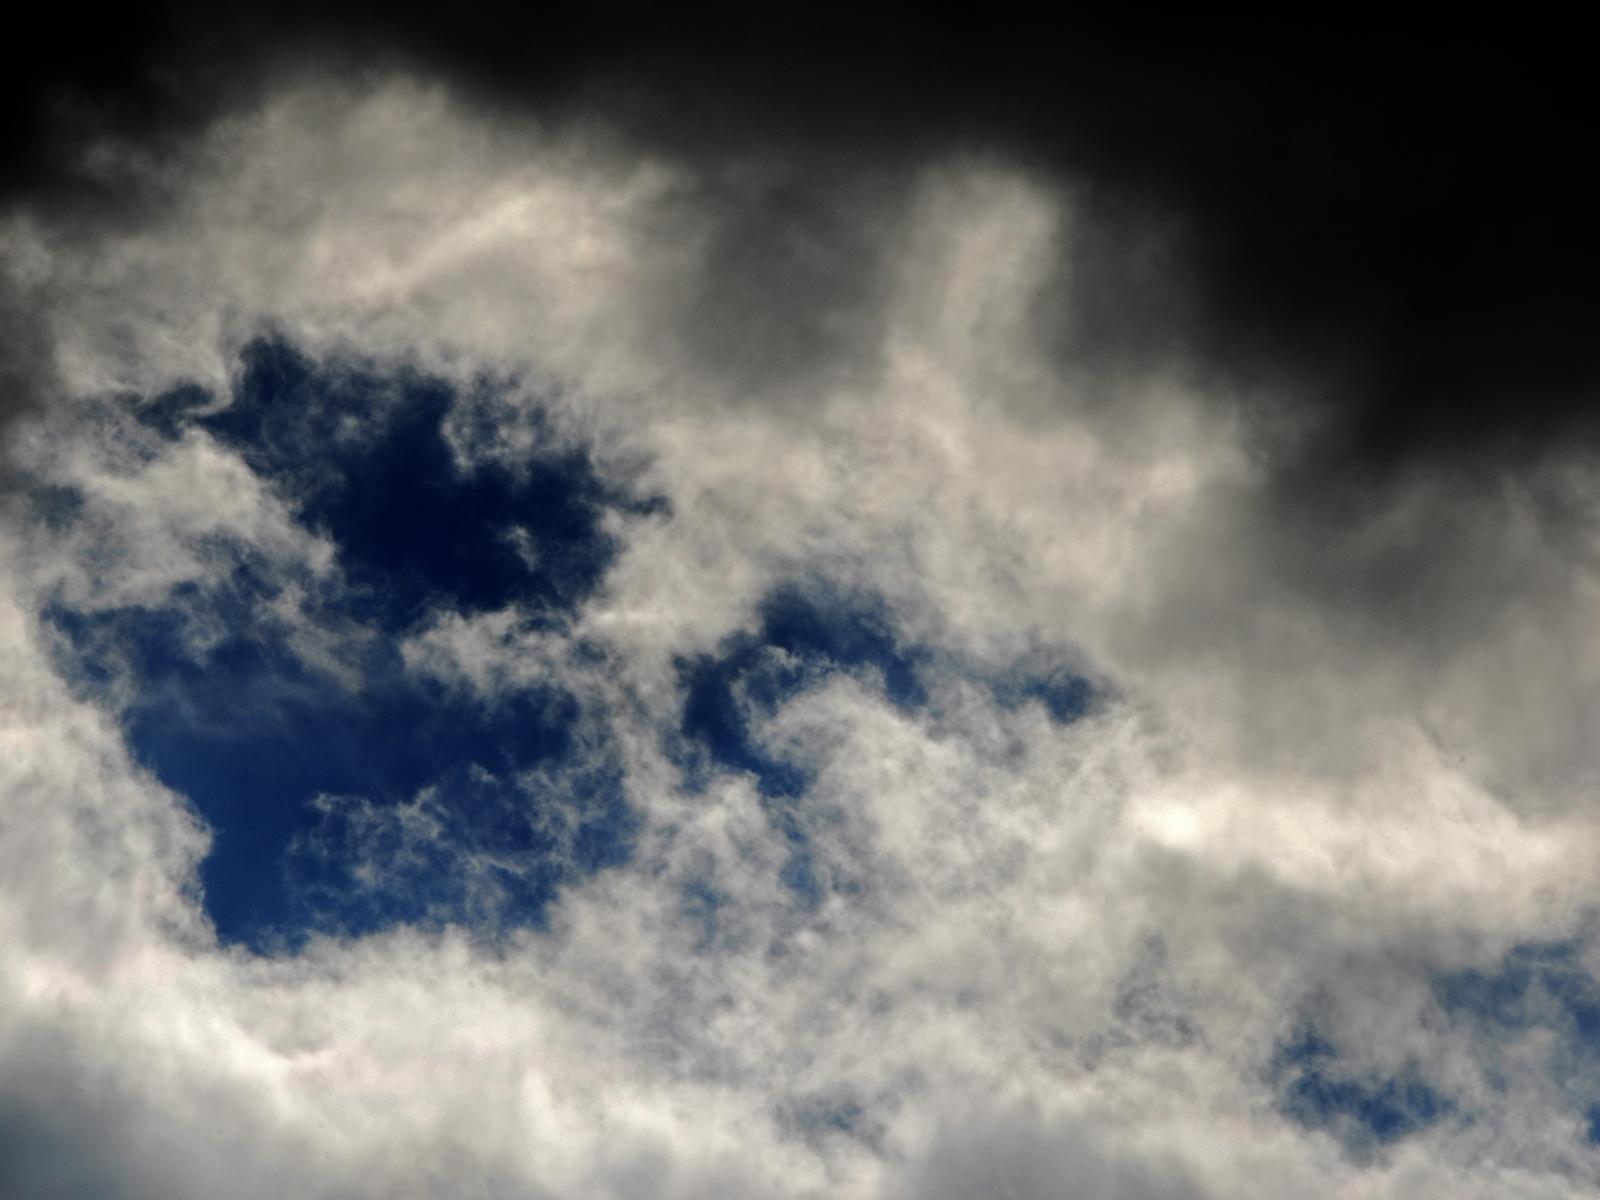 Rain Cloud Series (Image 2 of 15), Bspo06, Clouds, Cumulus, Rain, HQ Photo